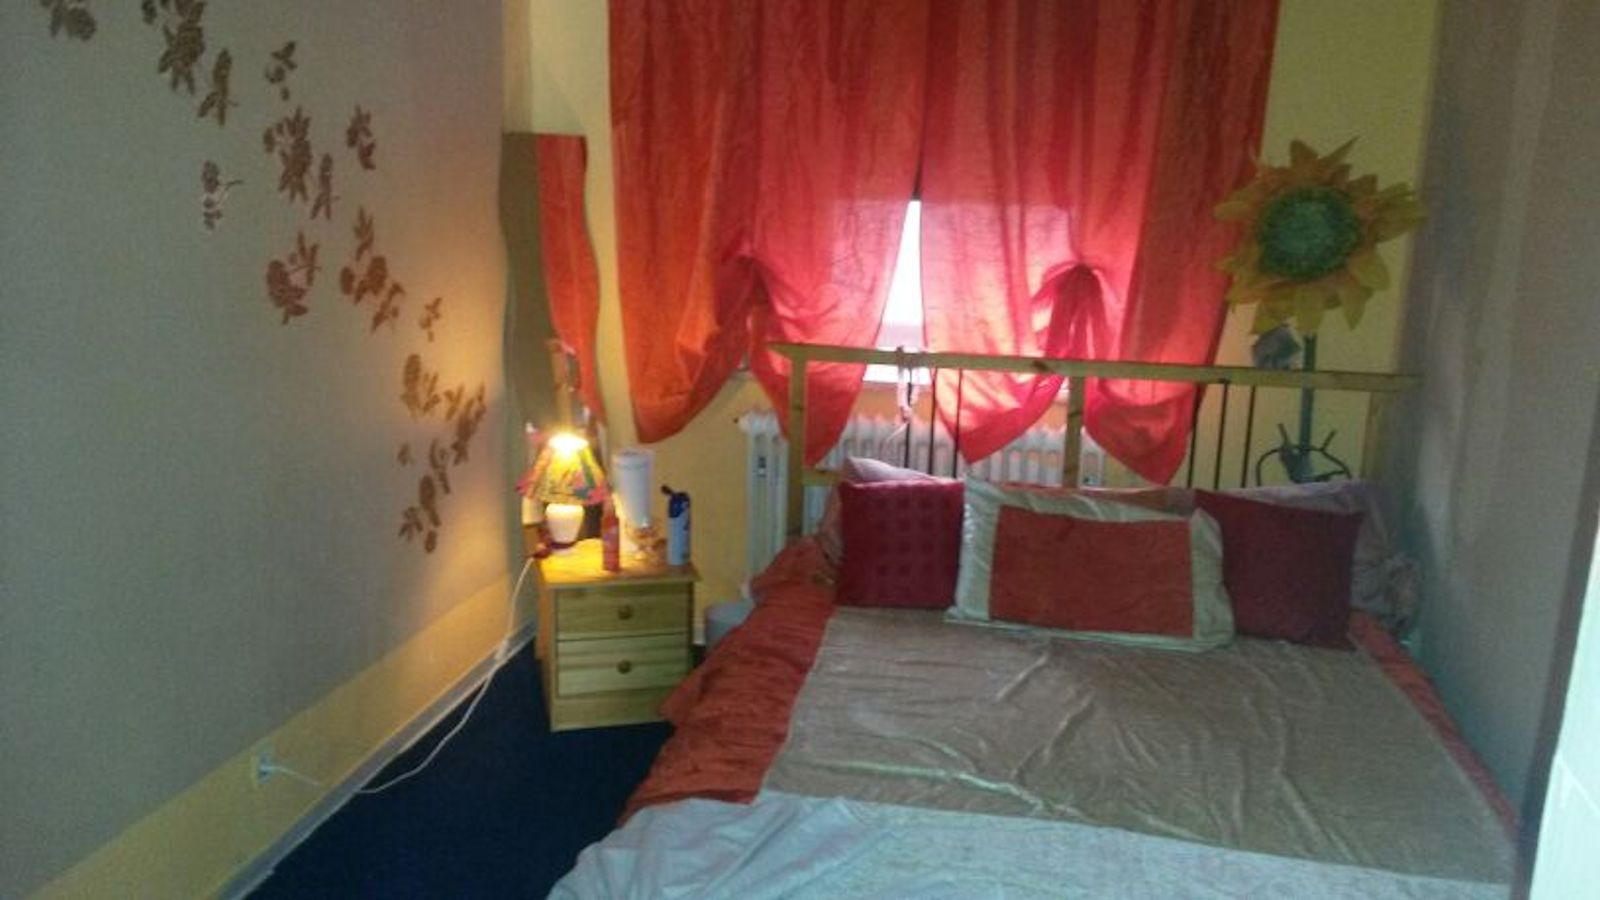 Fotos Bilder von Anspruchsvolle Wohnung Vermietung von Arbeitswohnungen für Shemales Transen TS TV Ladies in Kiel Gaarden